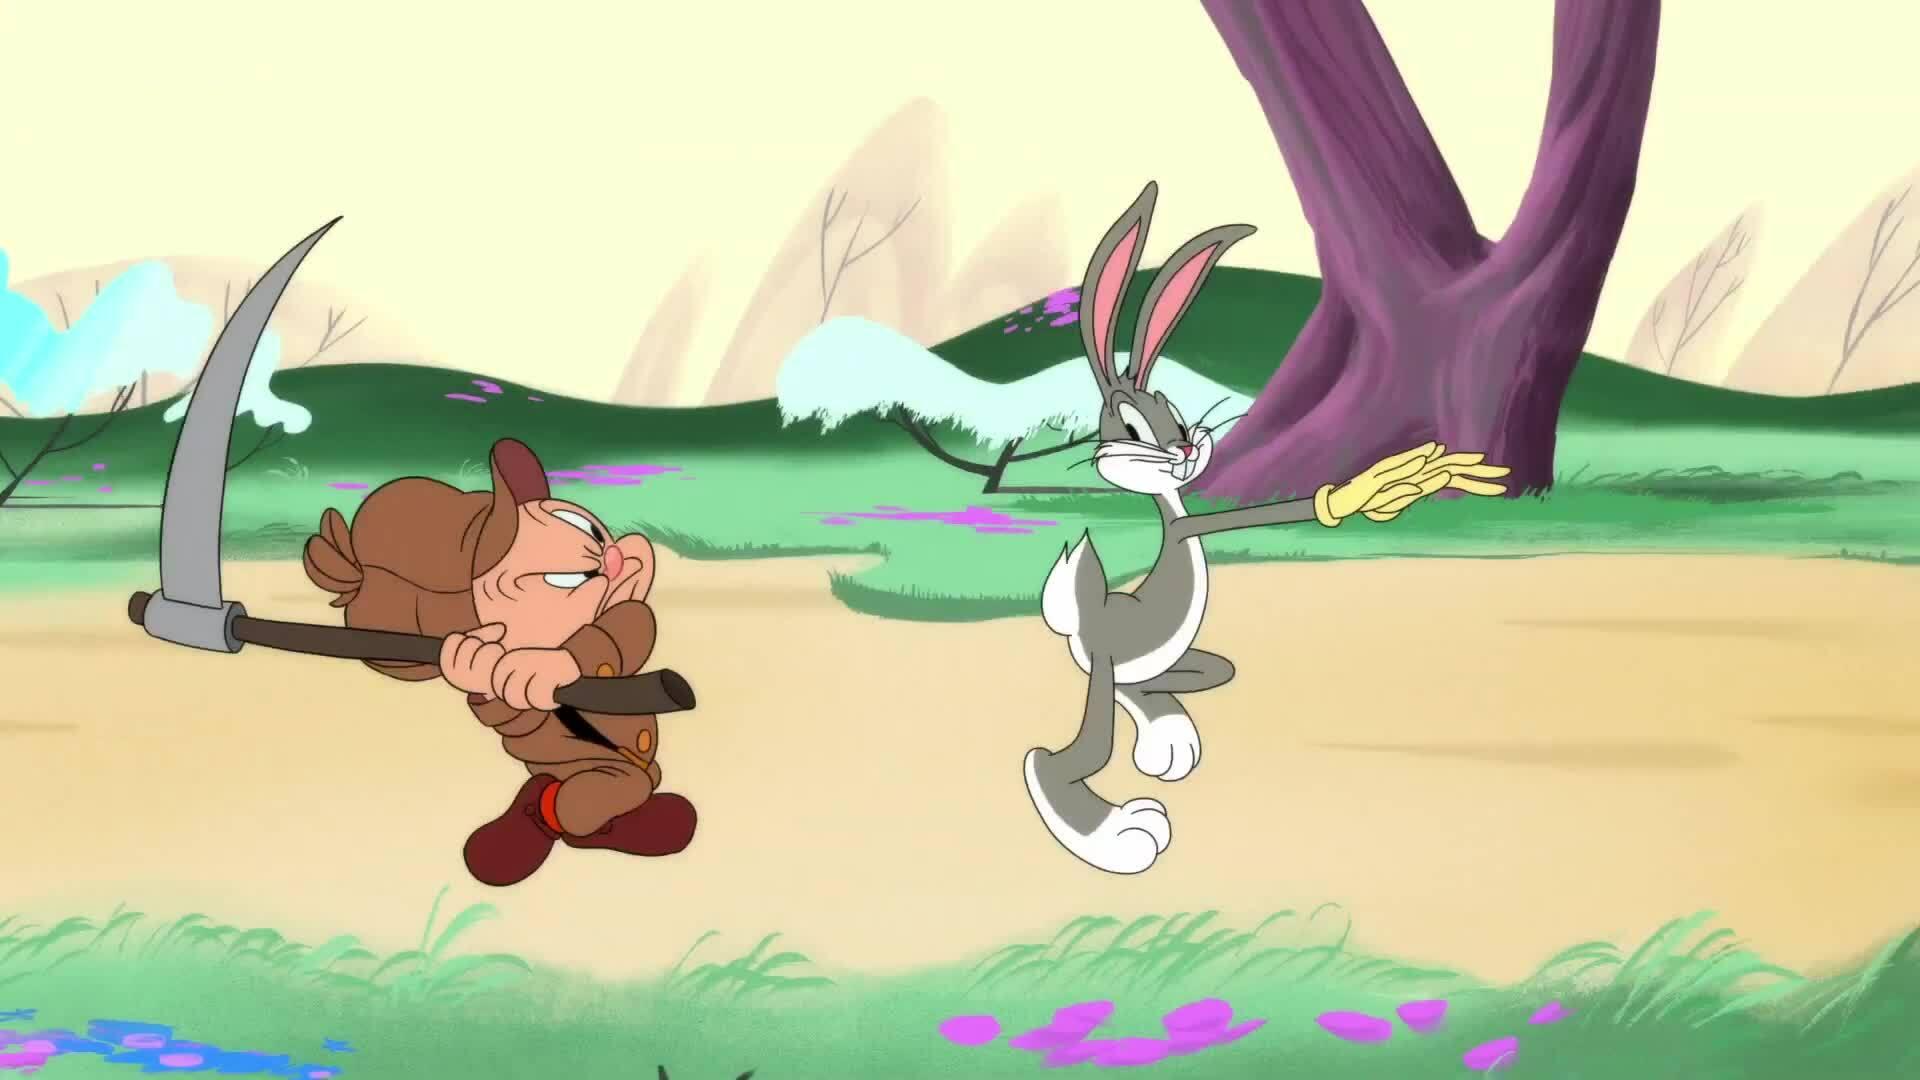 Trích đoạn Looney Tunes